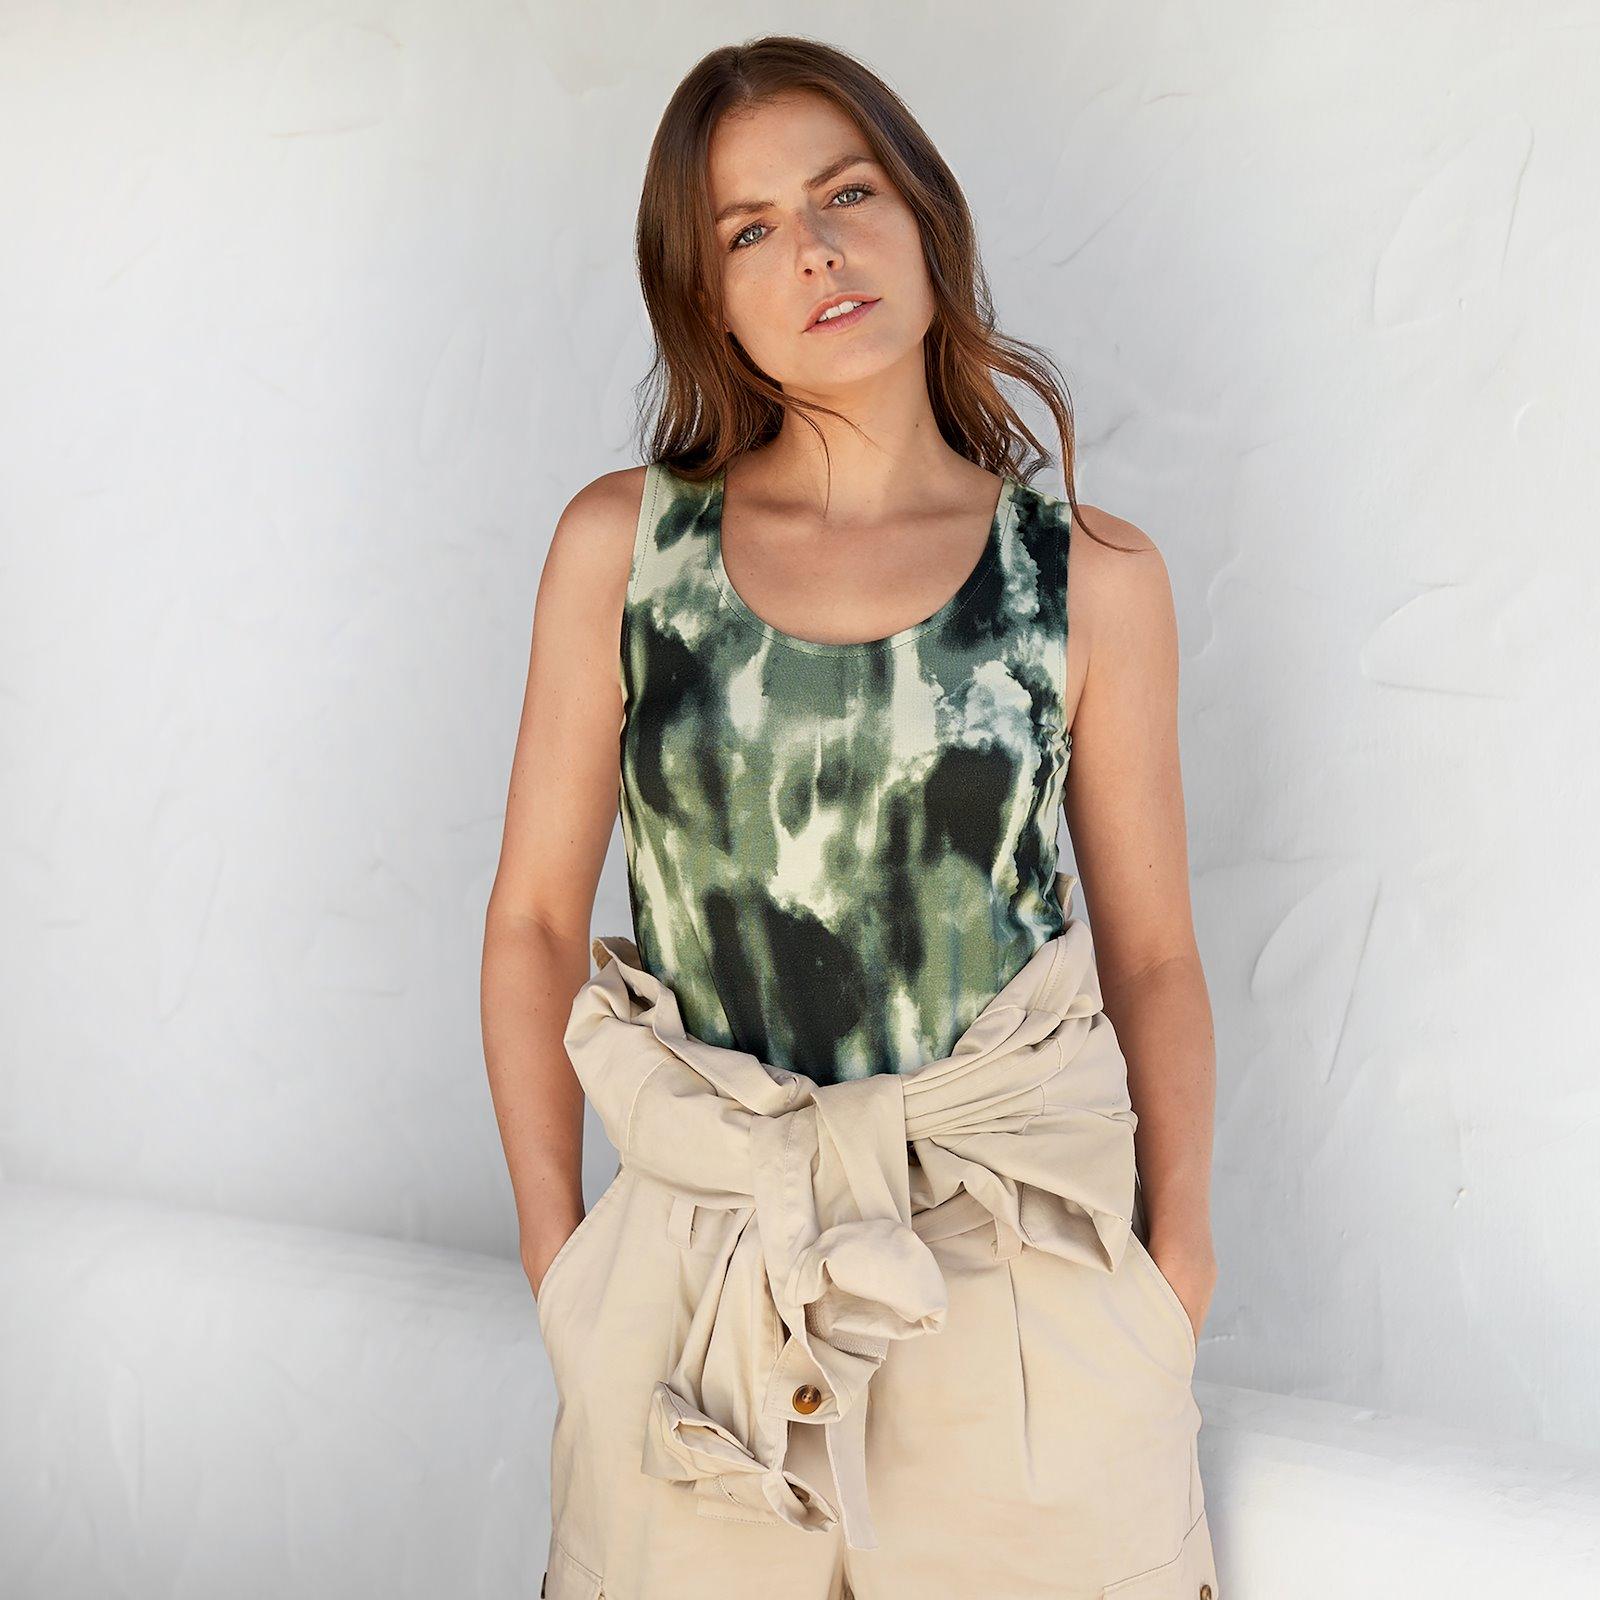 Top and dress, 46/18 p20055_420414_40231_p22071_272691_bundle